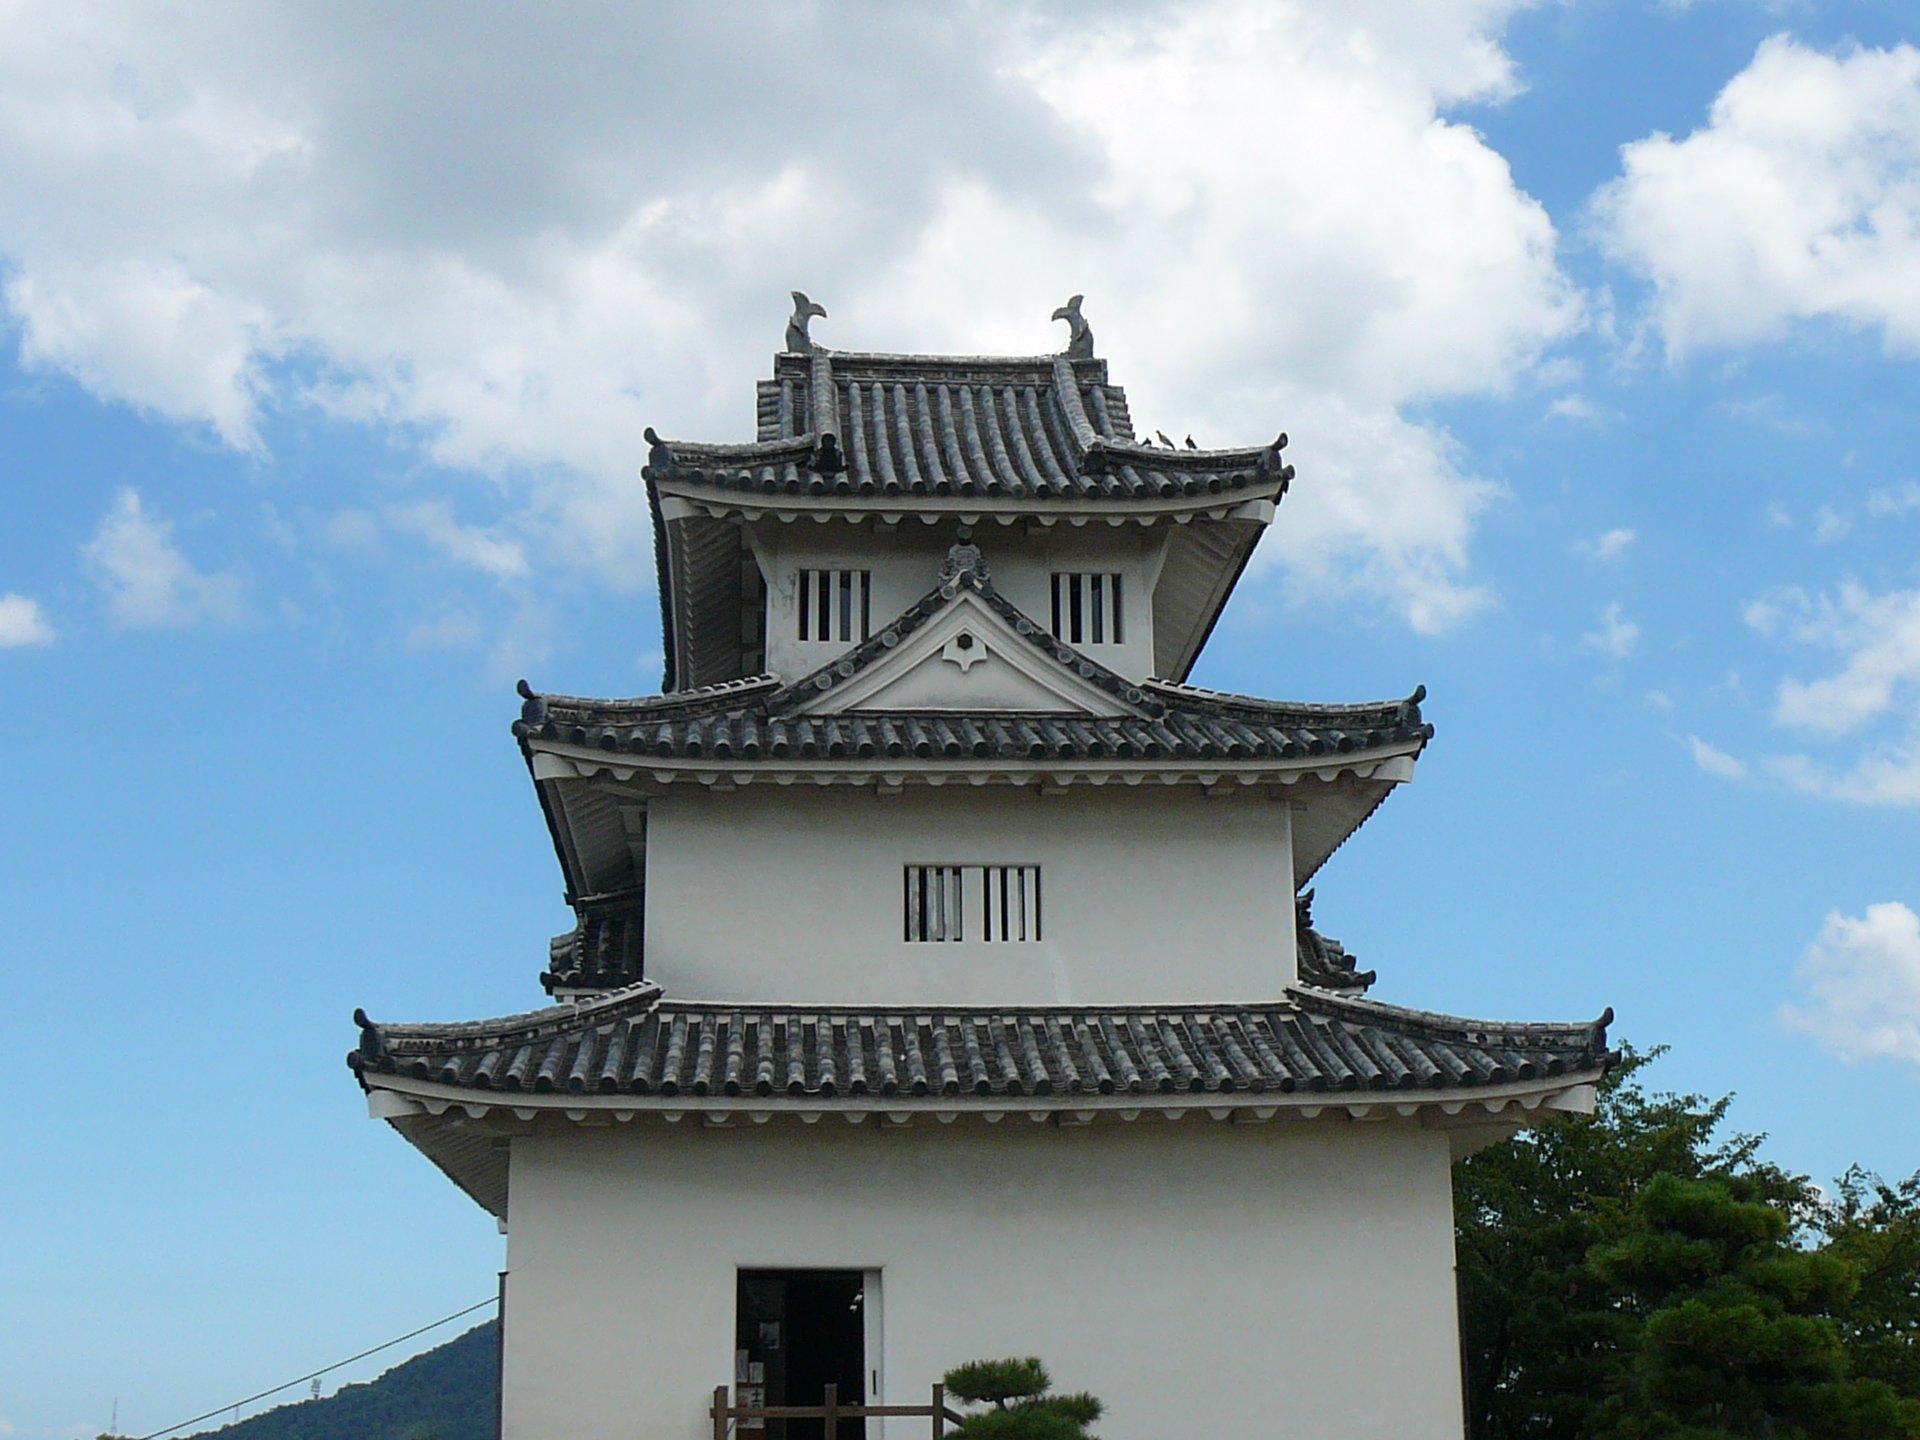 石垣の高さが日本一!香川県丸亀市にある【丸亀城】に行ってきた!